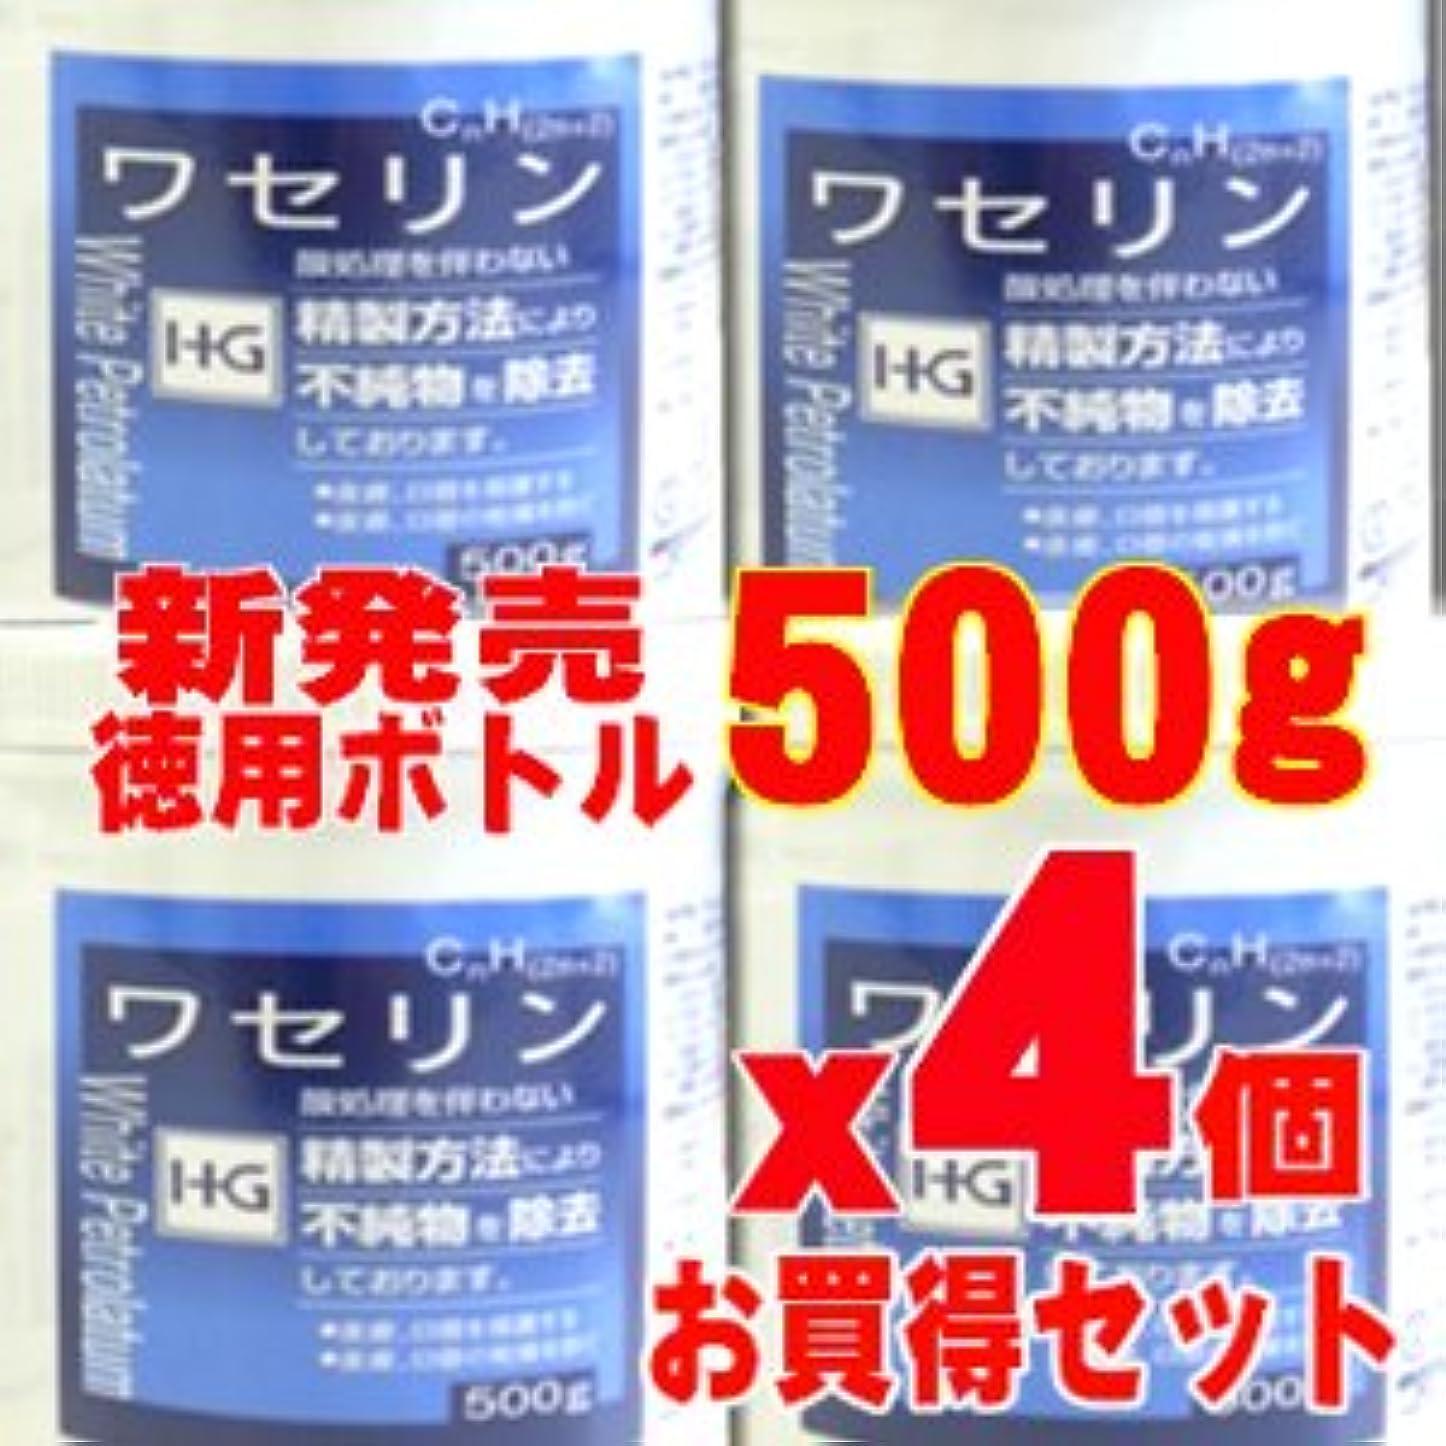 却下する制限する森【敏感肌の方に最適!】皮膚保護 ワセリンHG 徳用500gx4個セット